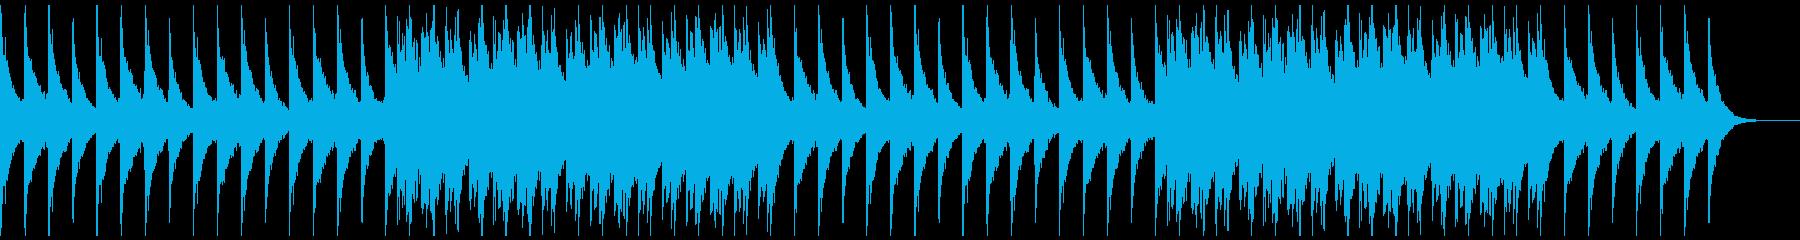 ピアノ・ストリングス・企業VP 2の再生済みの波形